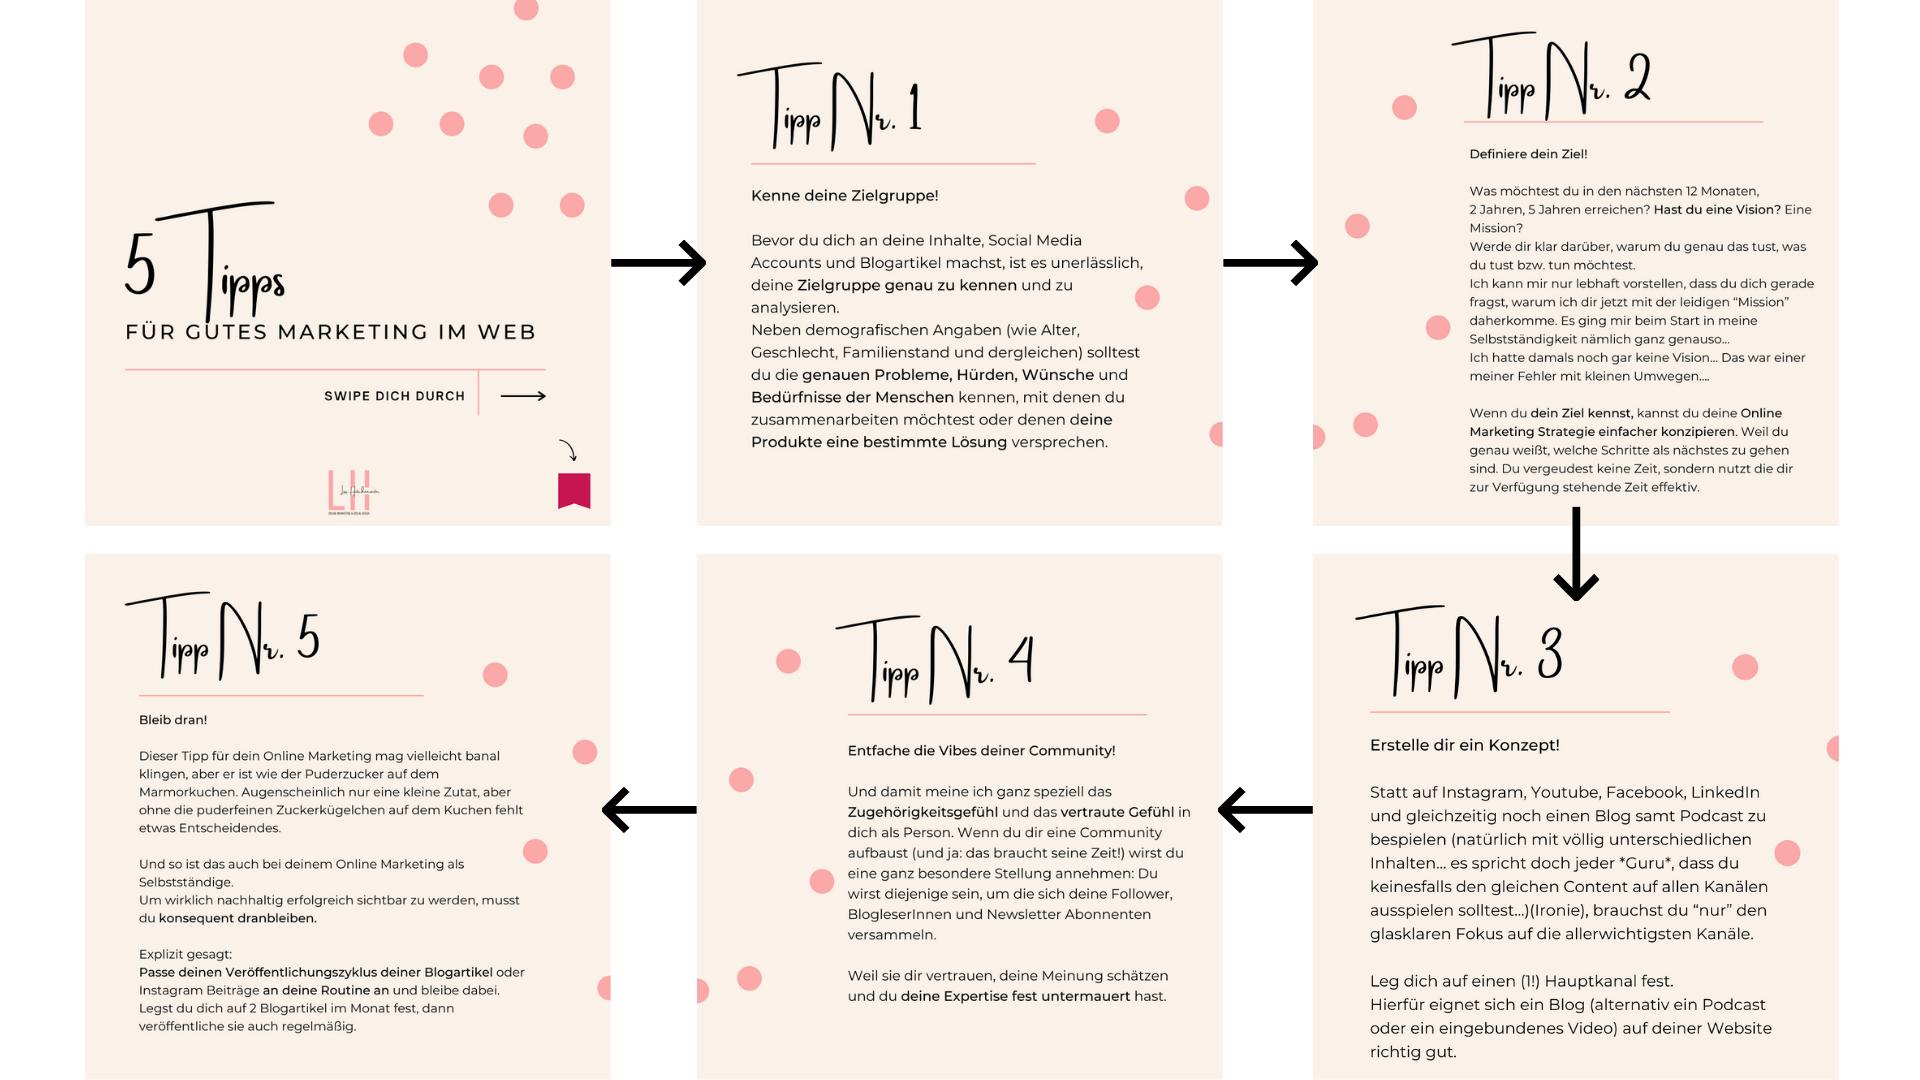 Beispiel: Karussellpost für 5 Tipps für einfaches und gutes Online Marketing